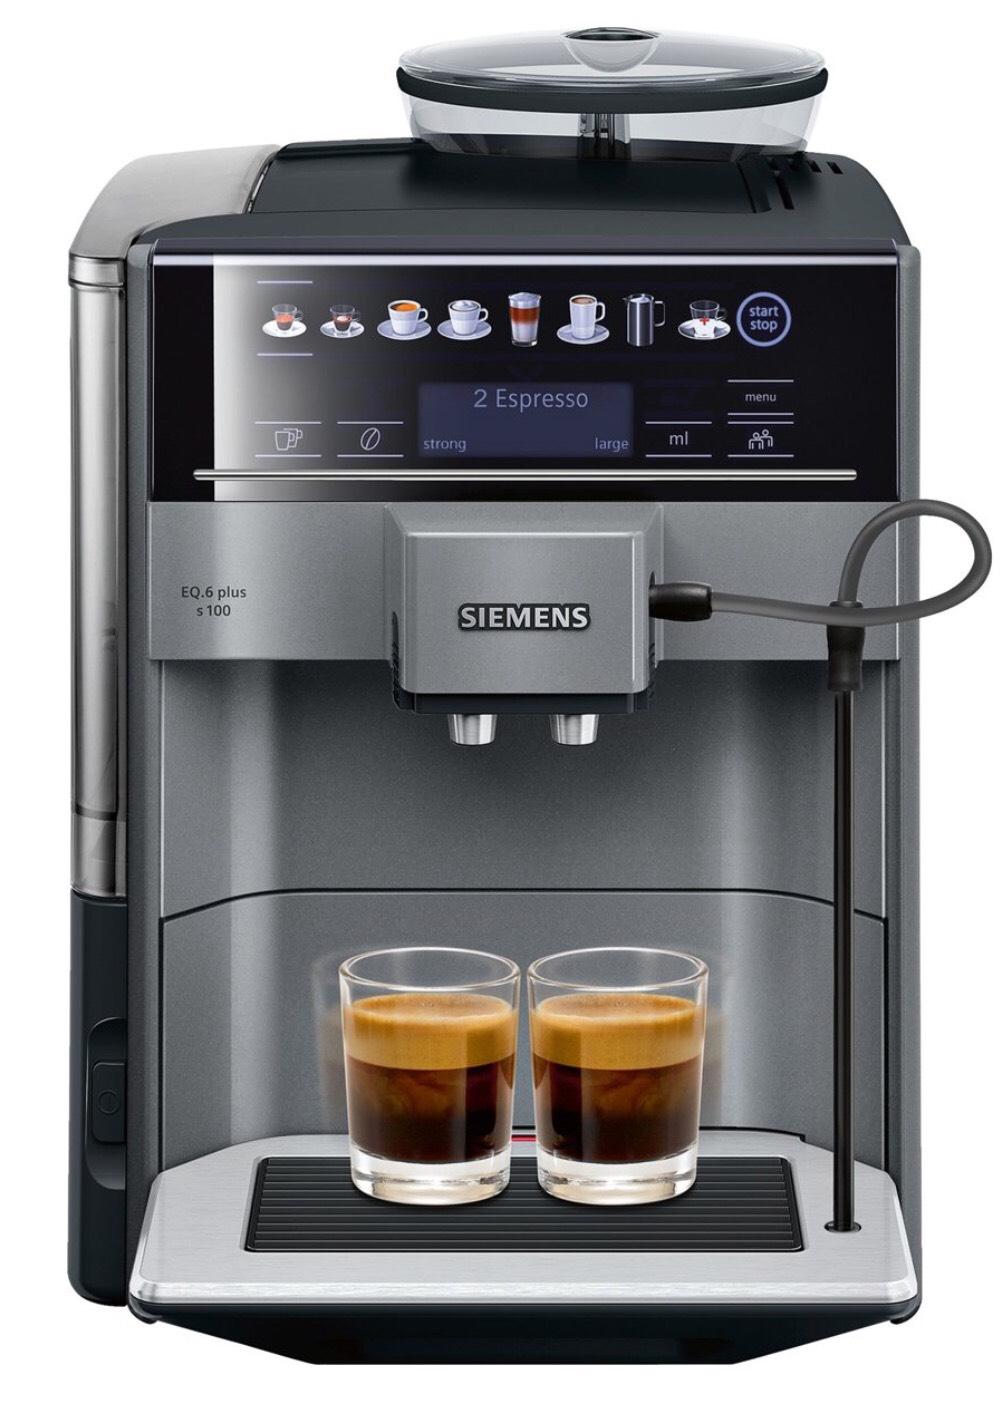 Siemens EQ6 Plus TE651209RW - Espressomachine @Bol.com